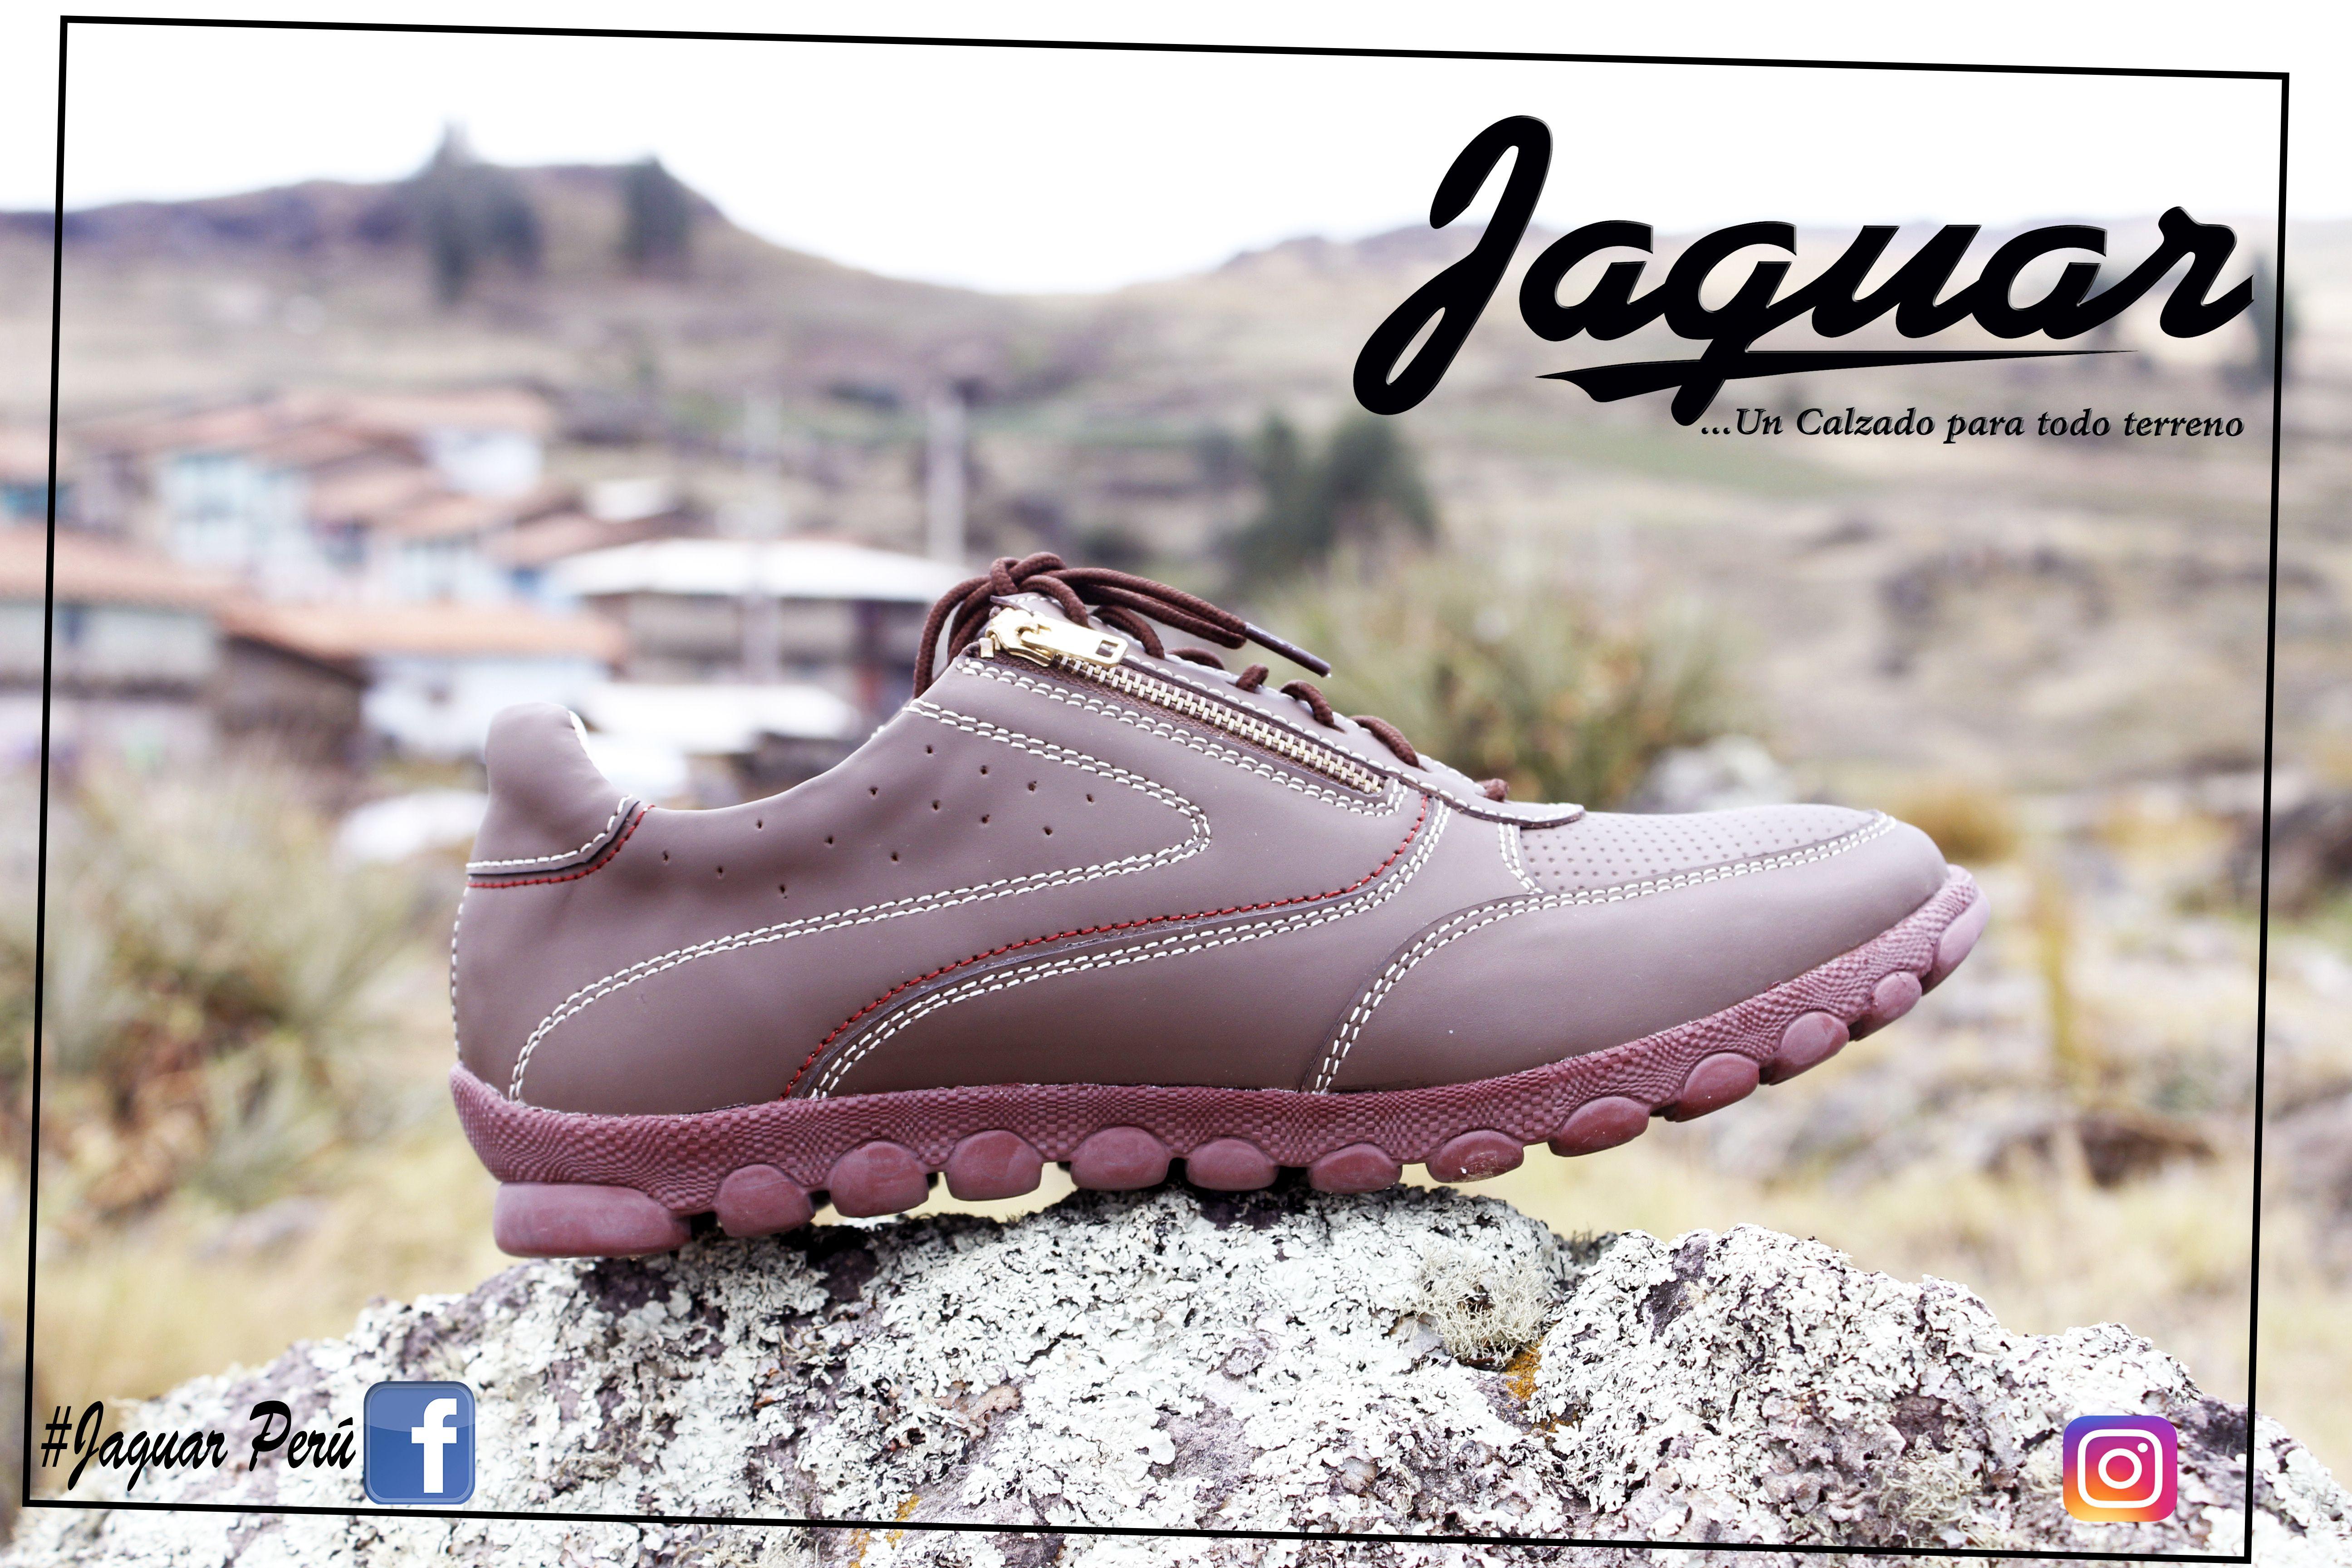 🎎 Conoce nuestra linea exclusiva en Calzados. #Alpinismo #TodoTerreno #QuieroJaguar. <3  :o  Siguenos en Instragan:  https://www.instagram.com/jaguarperu_oficial/